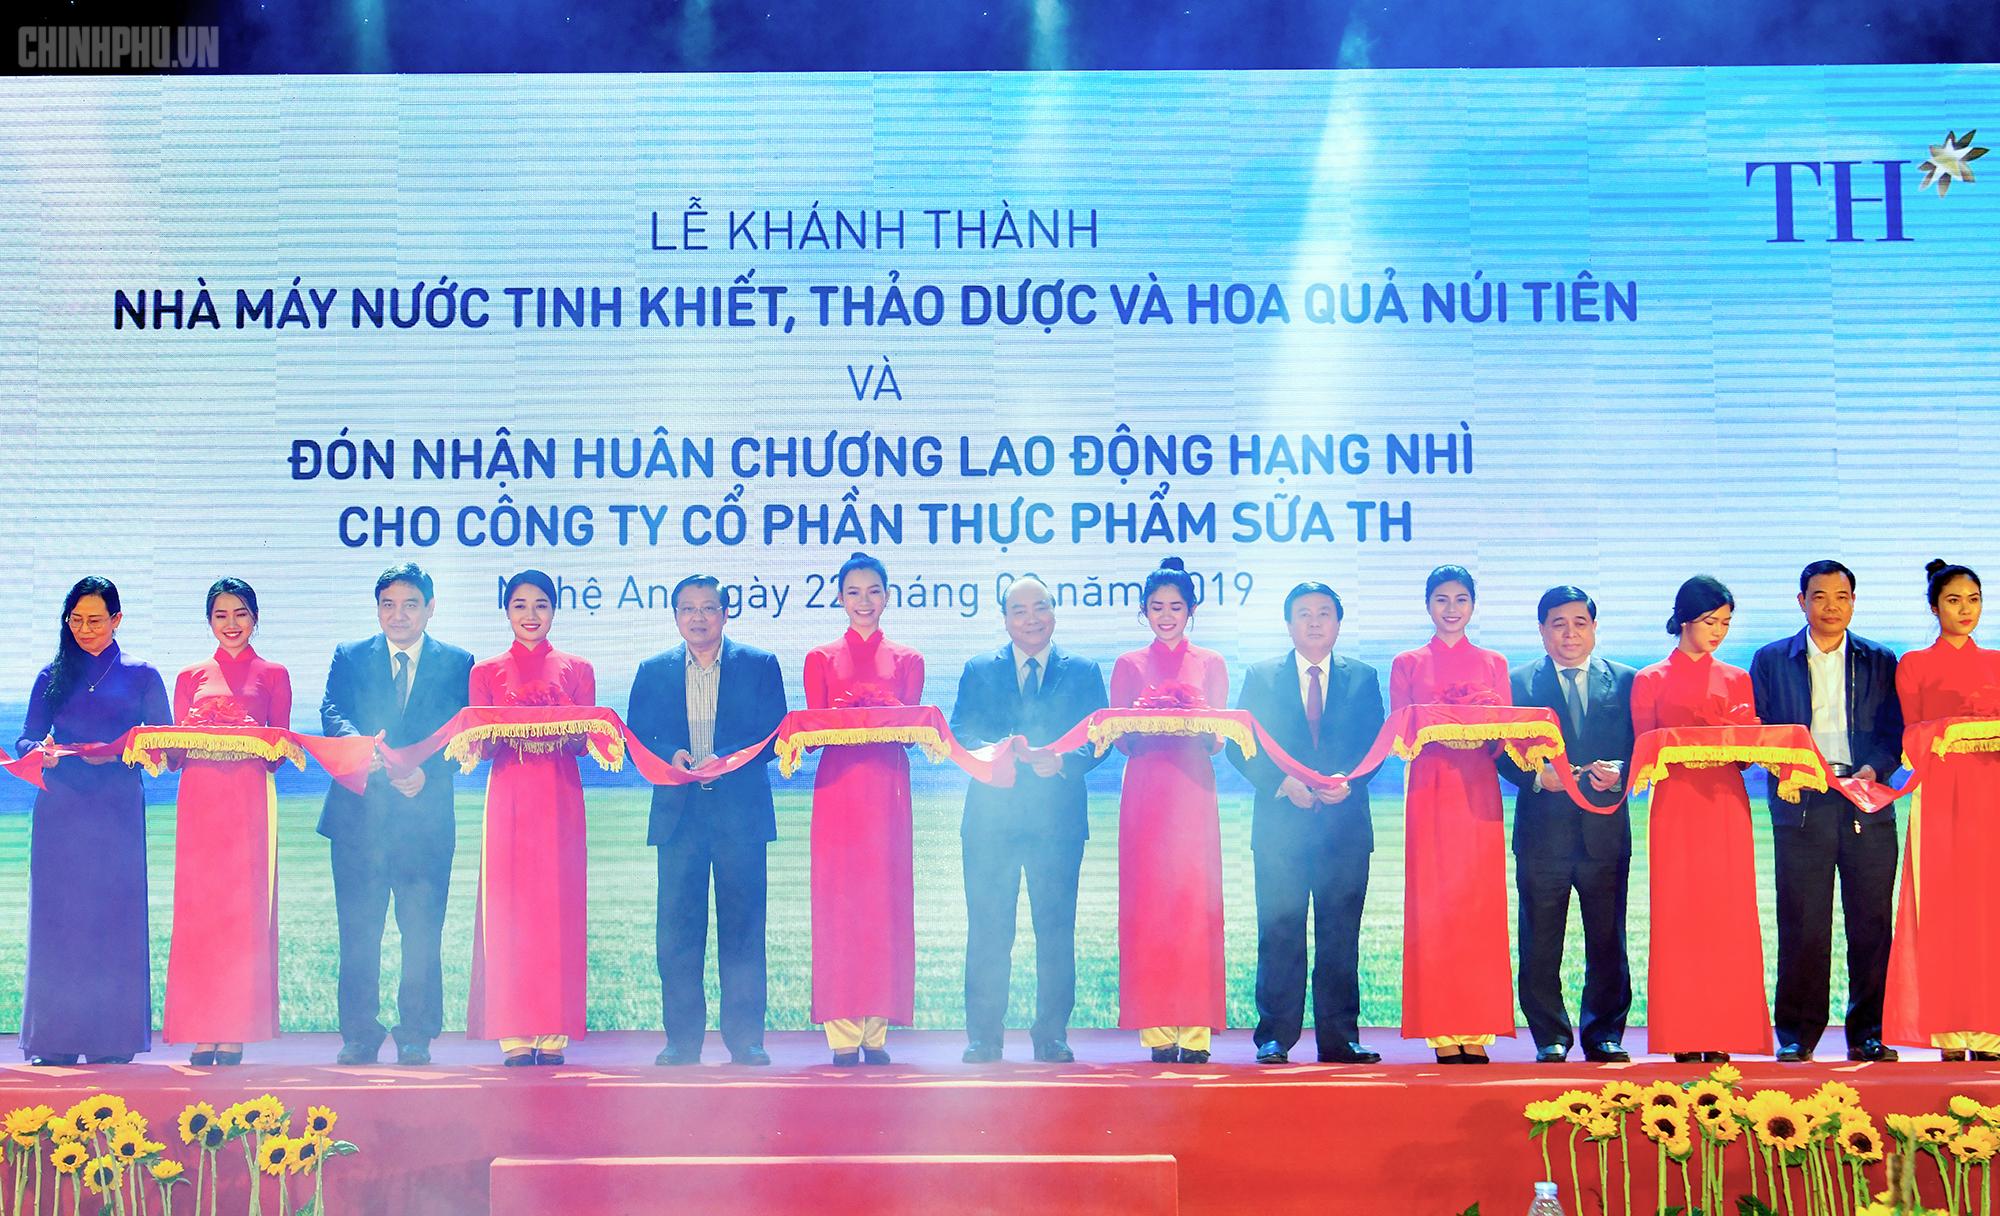 Thủ tướng dự khánh thành nhà máy nước tinh khiết, hoa quả, thảo dược lớn nhất miền Trung